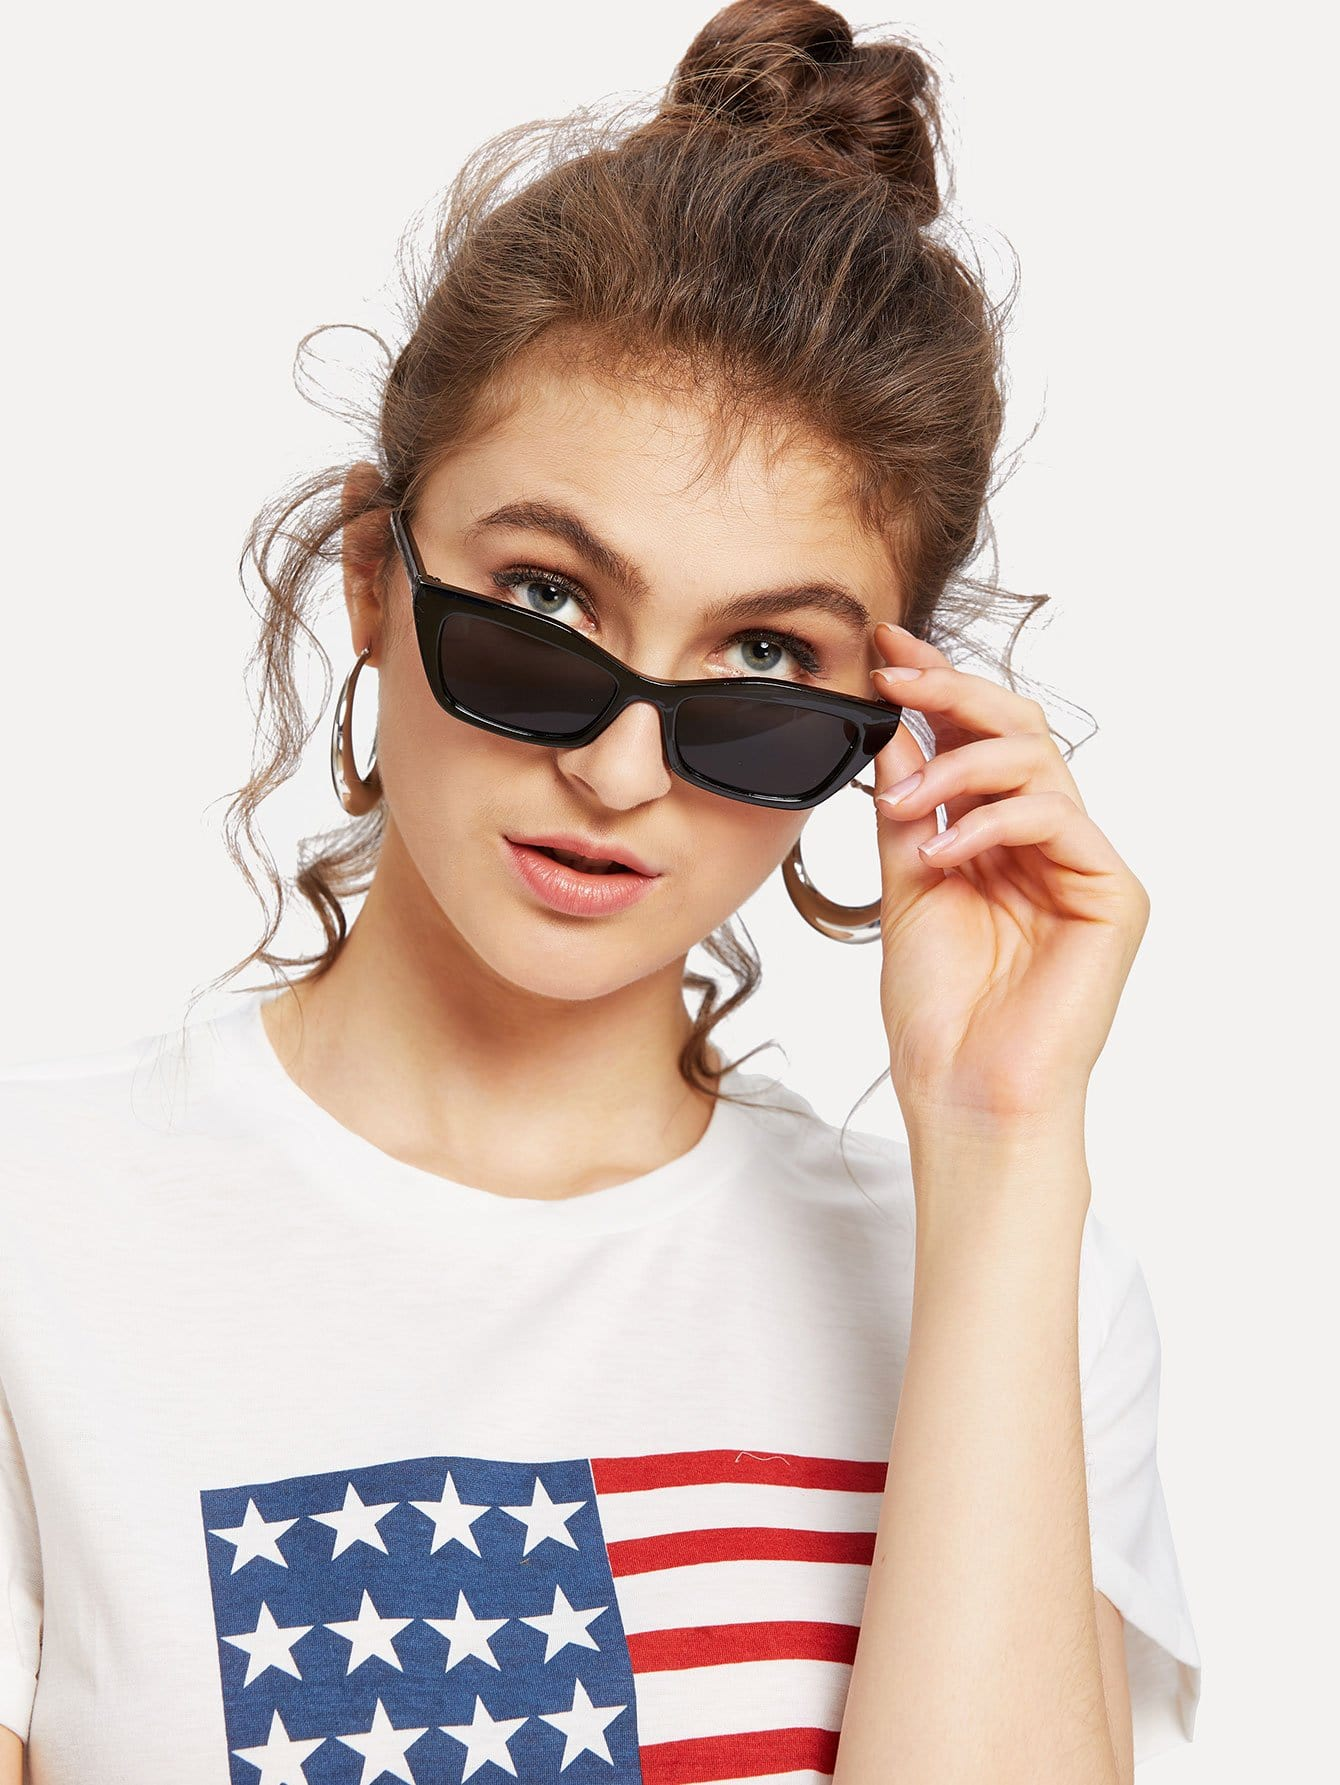 Купить Обычные солнцезащитные очки с плоскими объективами, null, SheIn